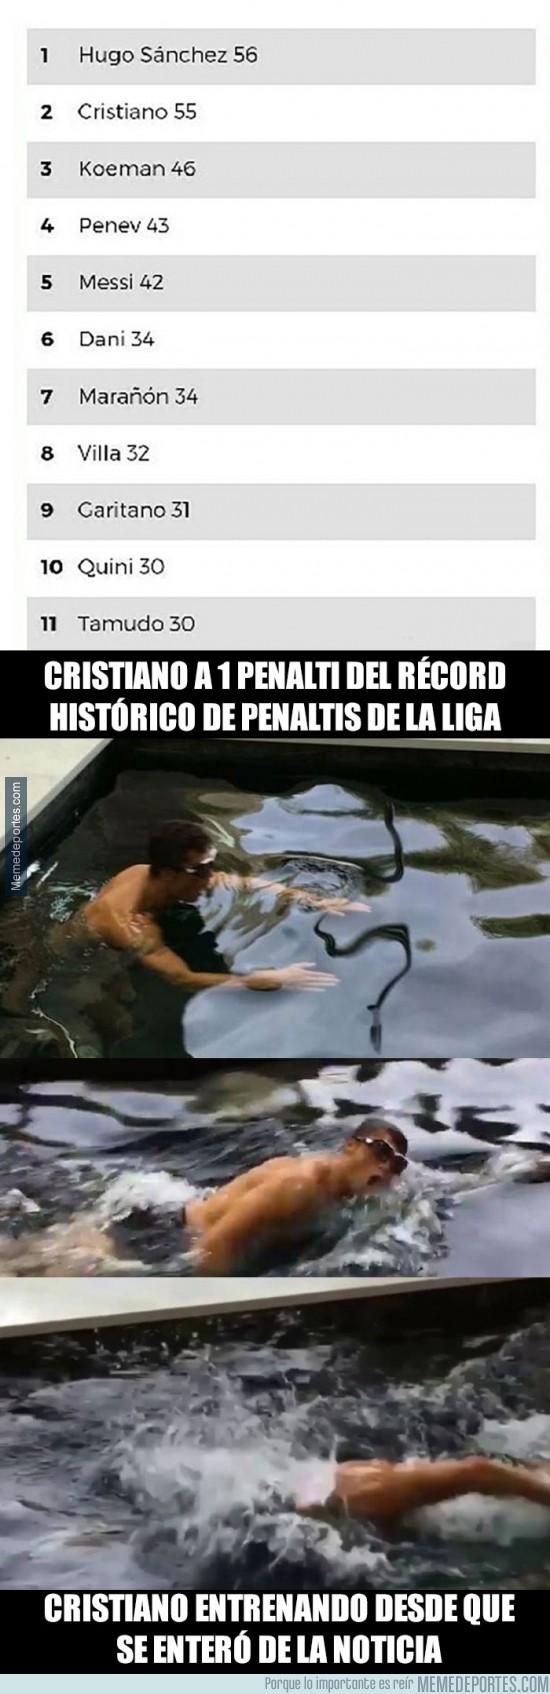 927647 - Cristiano Ronaldo a punto de conseguir otro récord histórico en La Liga